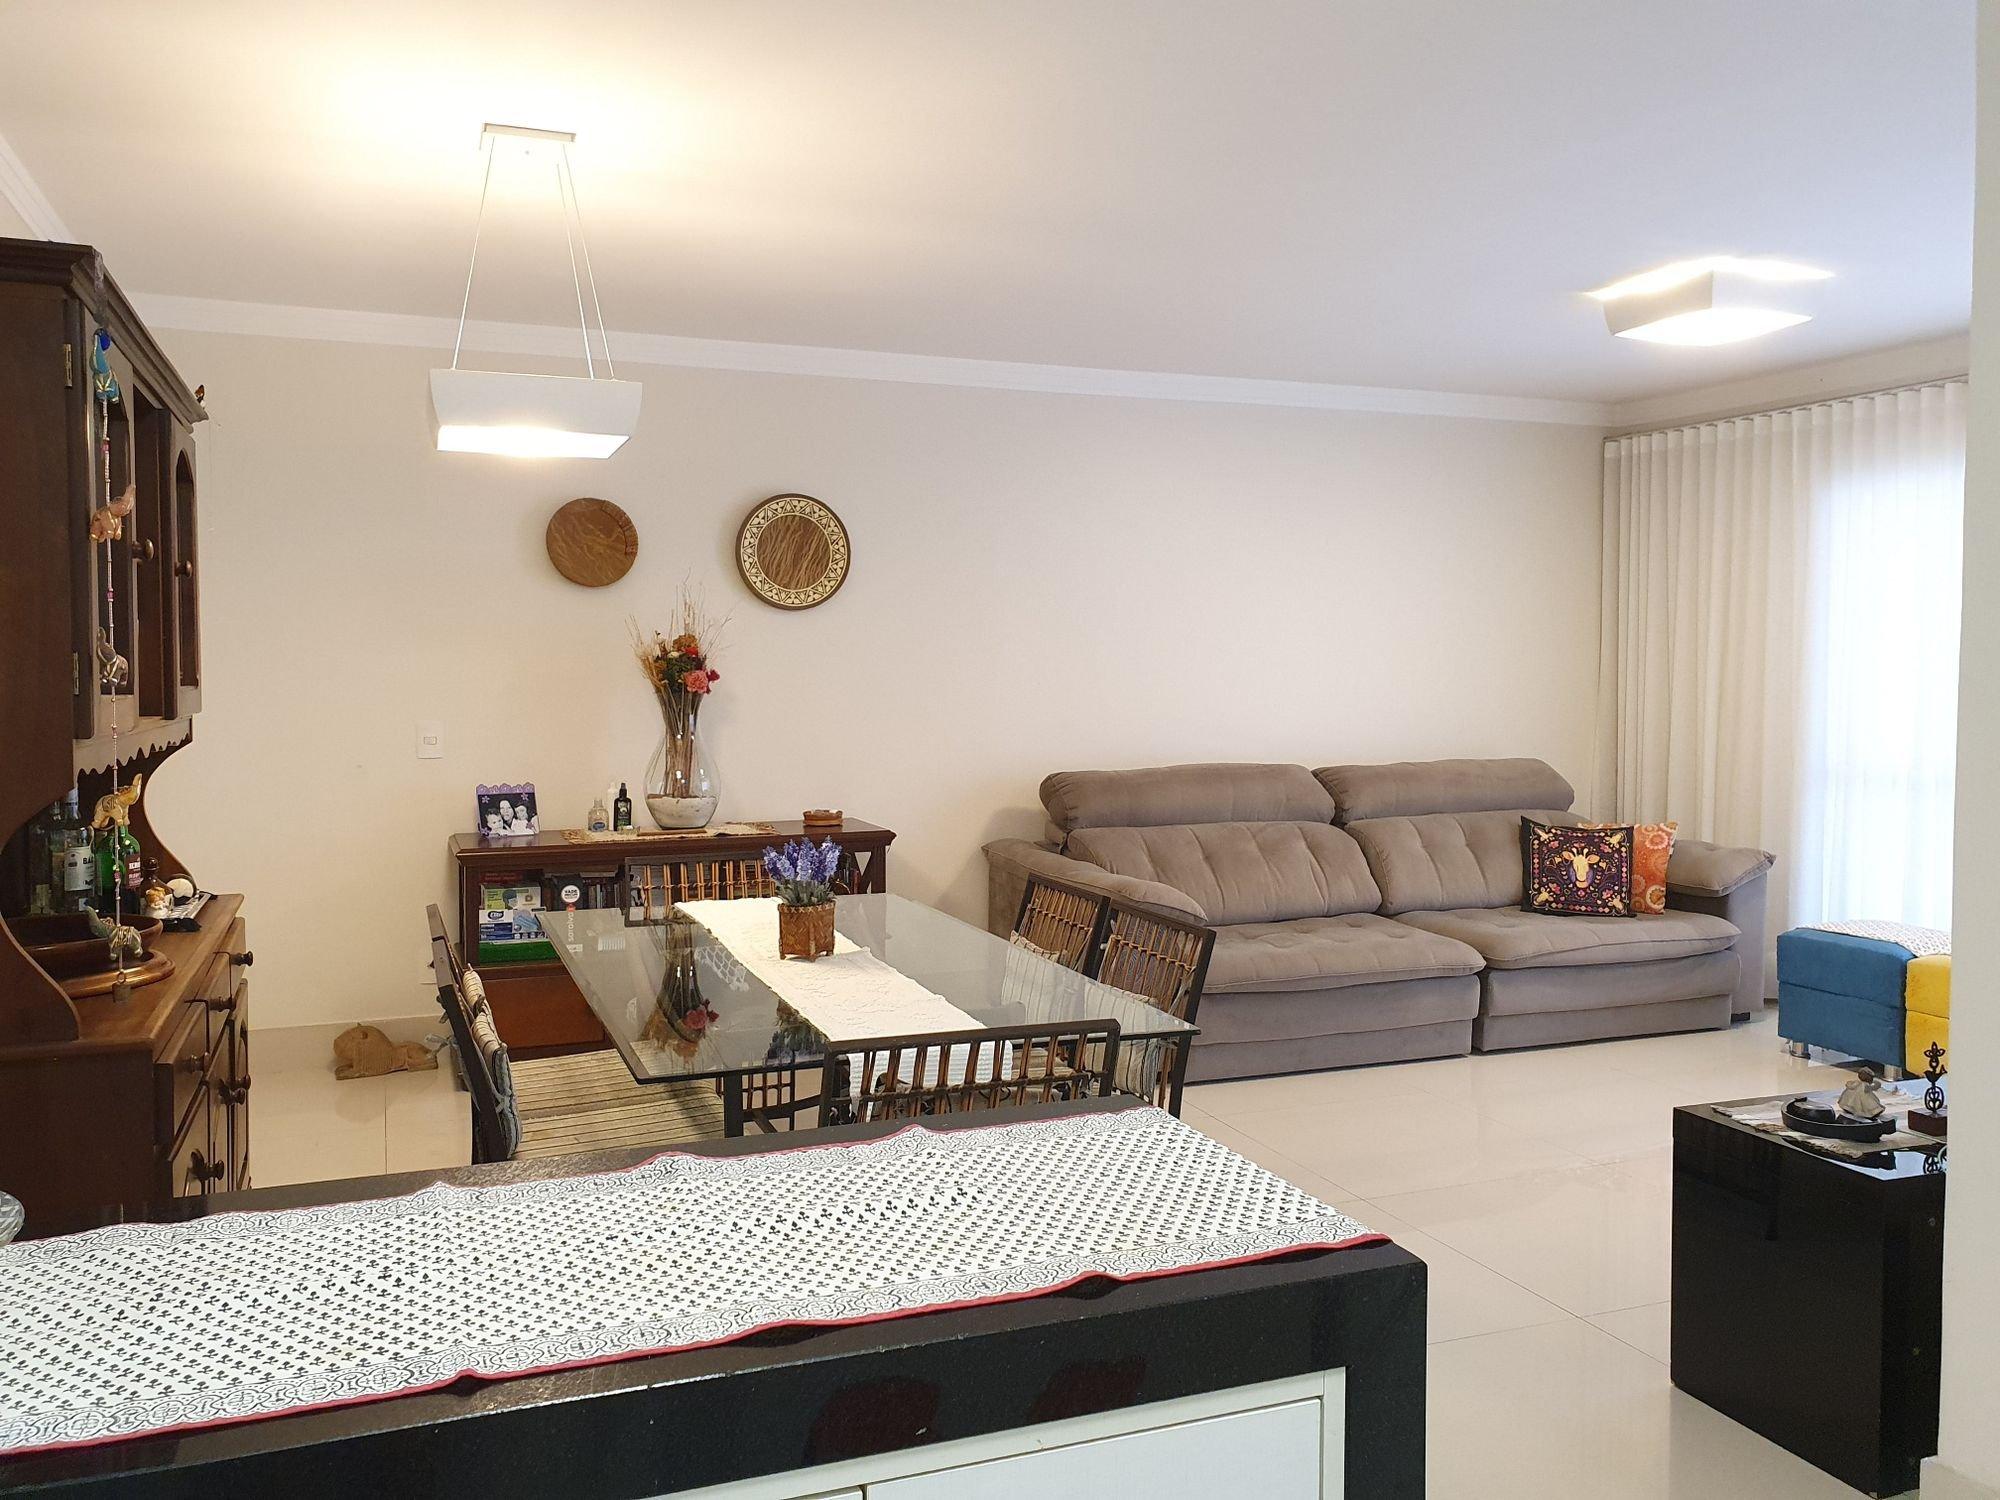 Foto de Sala com sofá, vaso, garrafa, relógio, cadeira, mesa de jantar